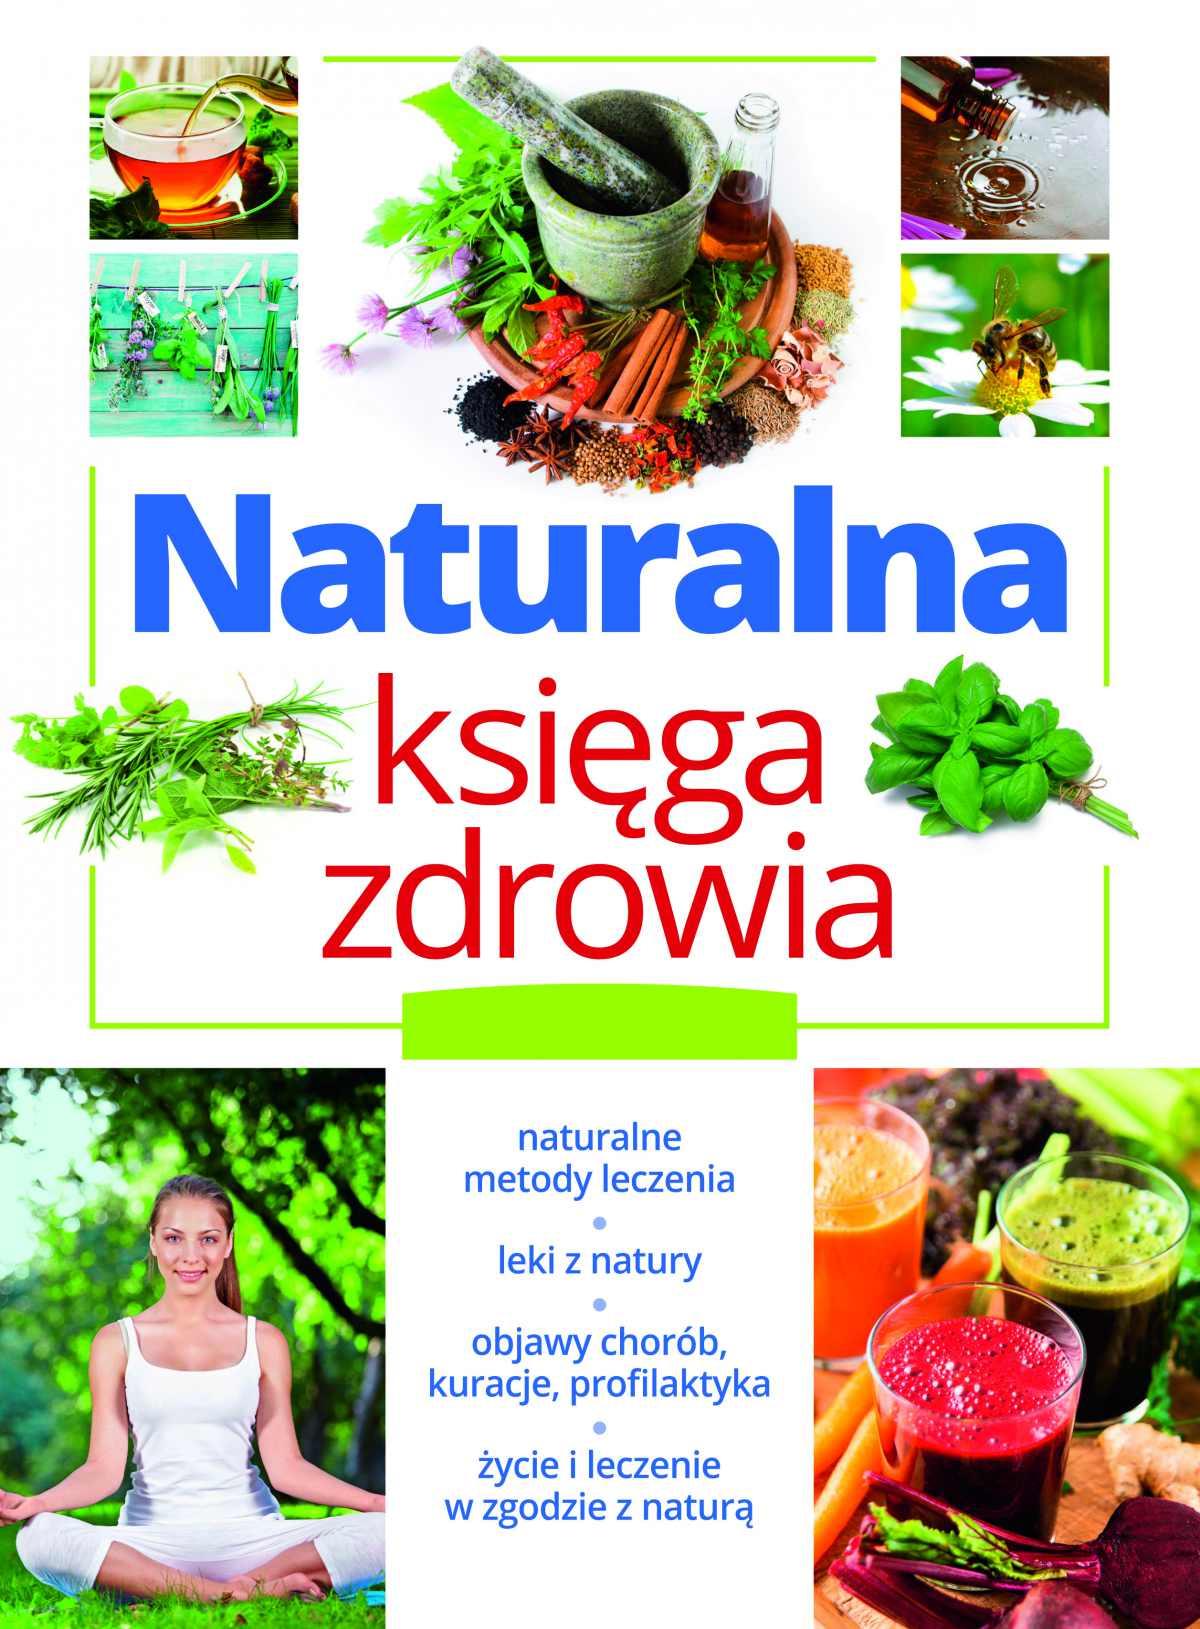 Naturalna księga zdrowia - Ebook (Książka PDF) do pobrania w formacie PDF